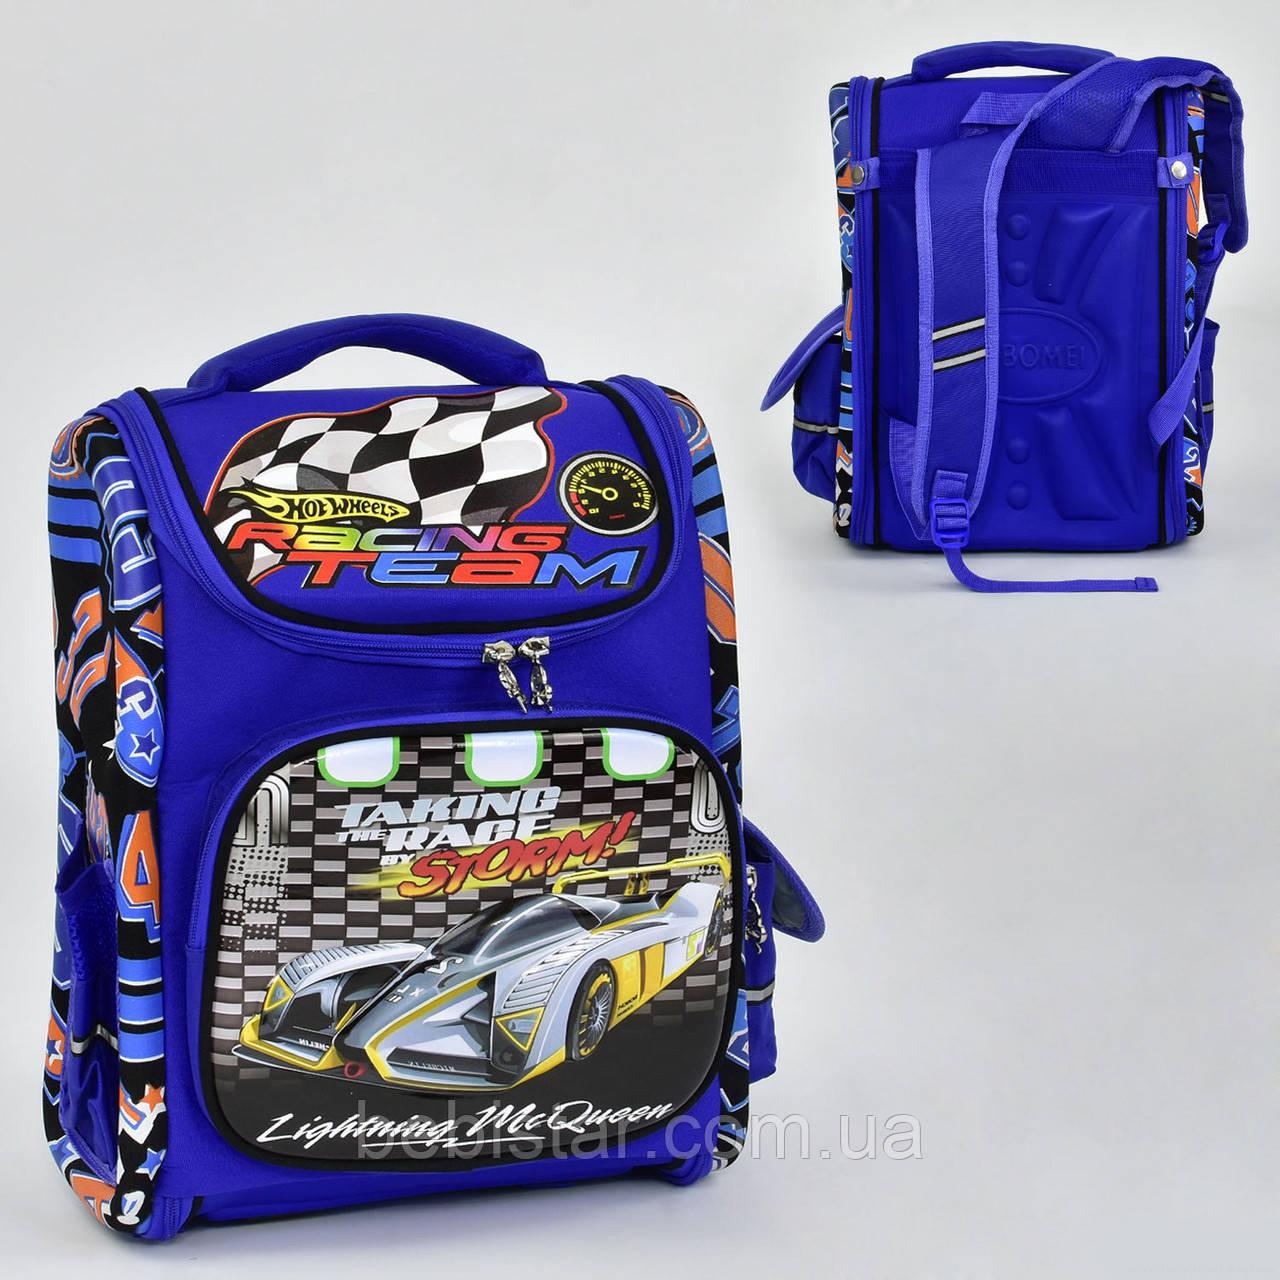 Школьный рюкзак ортопедическая спинка 3 кармана с изображением спортивных машин